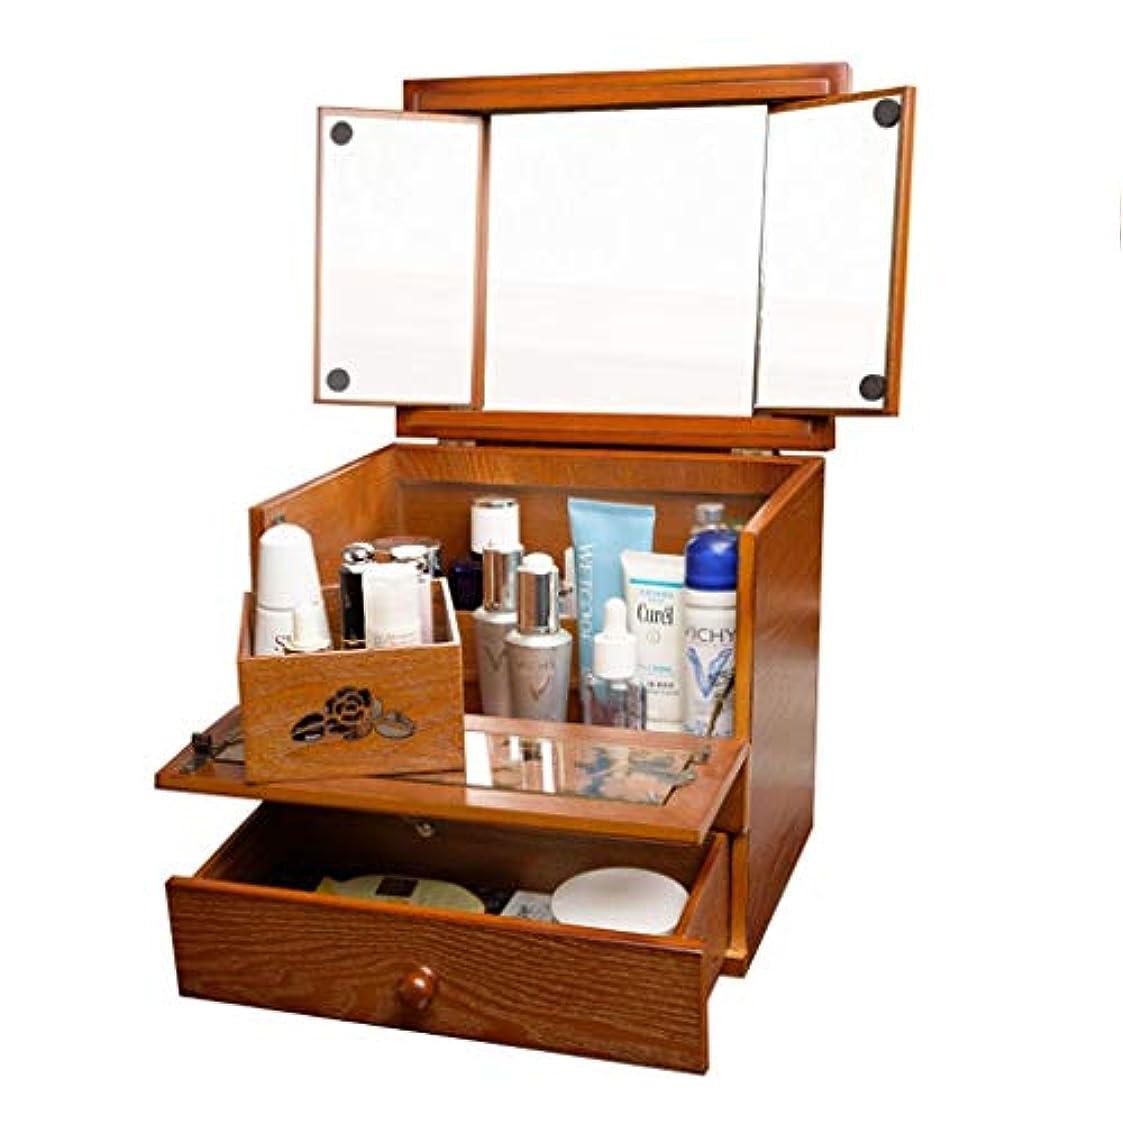 禁止迫害火傷メイクボックス 家庭化粧品収納ボックス木製大容量化粧箱鏡付きの小さなドレッシングテーブル (Color : Brown, Size : 27.5x22.5x32.5cm)